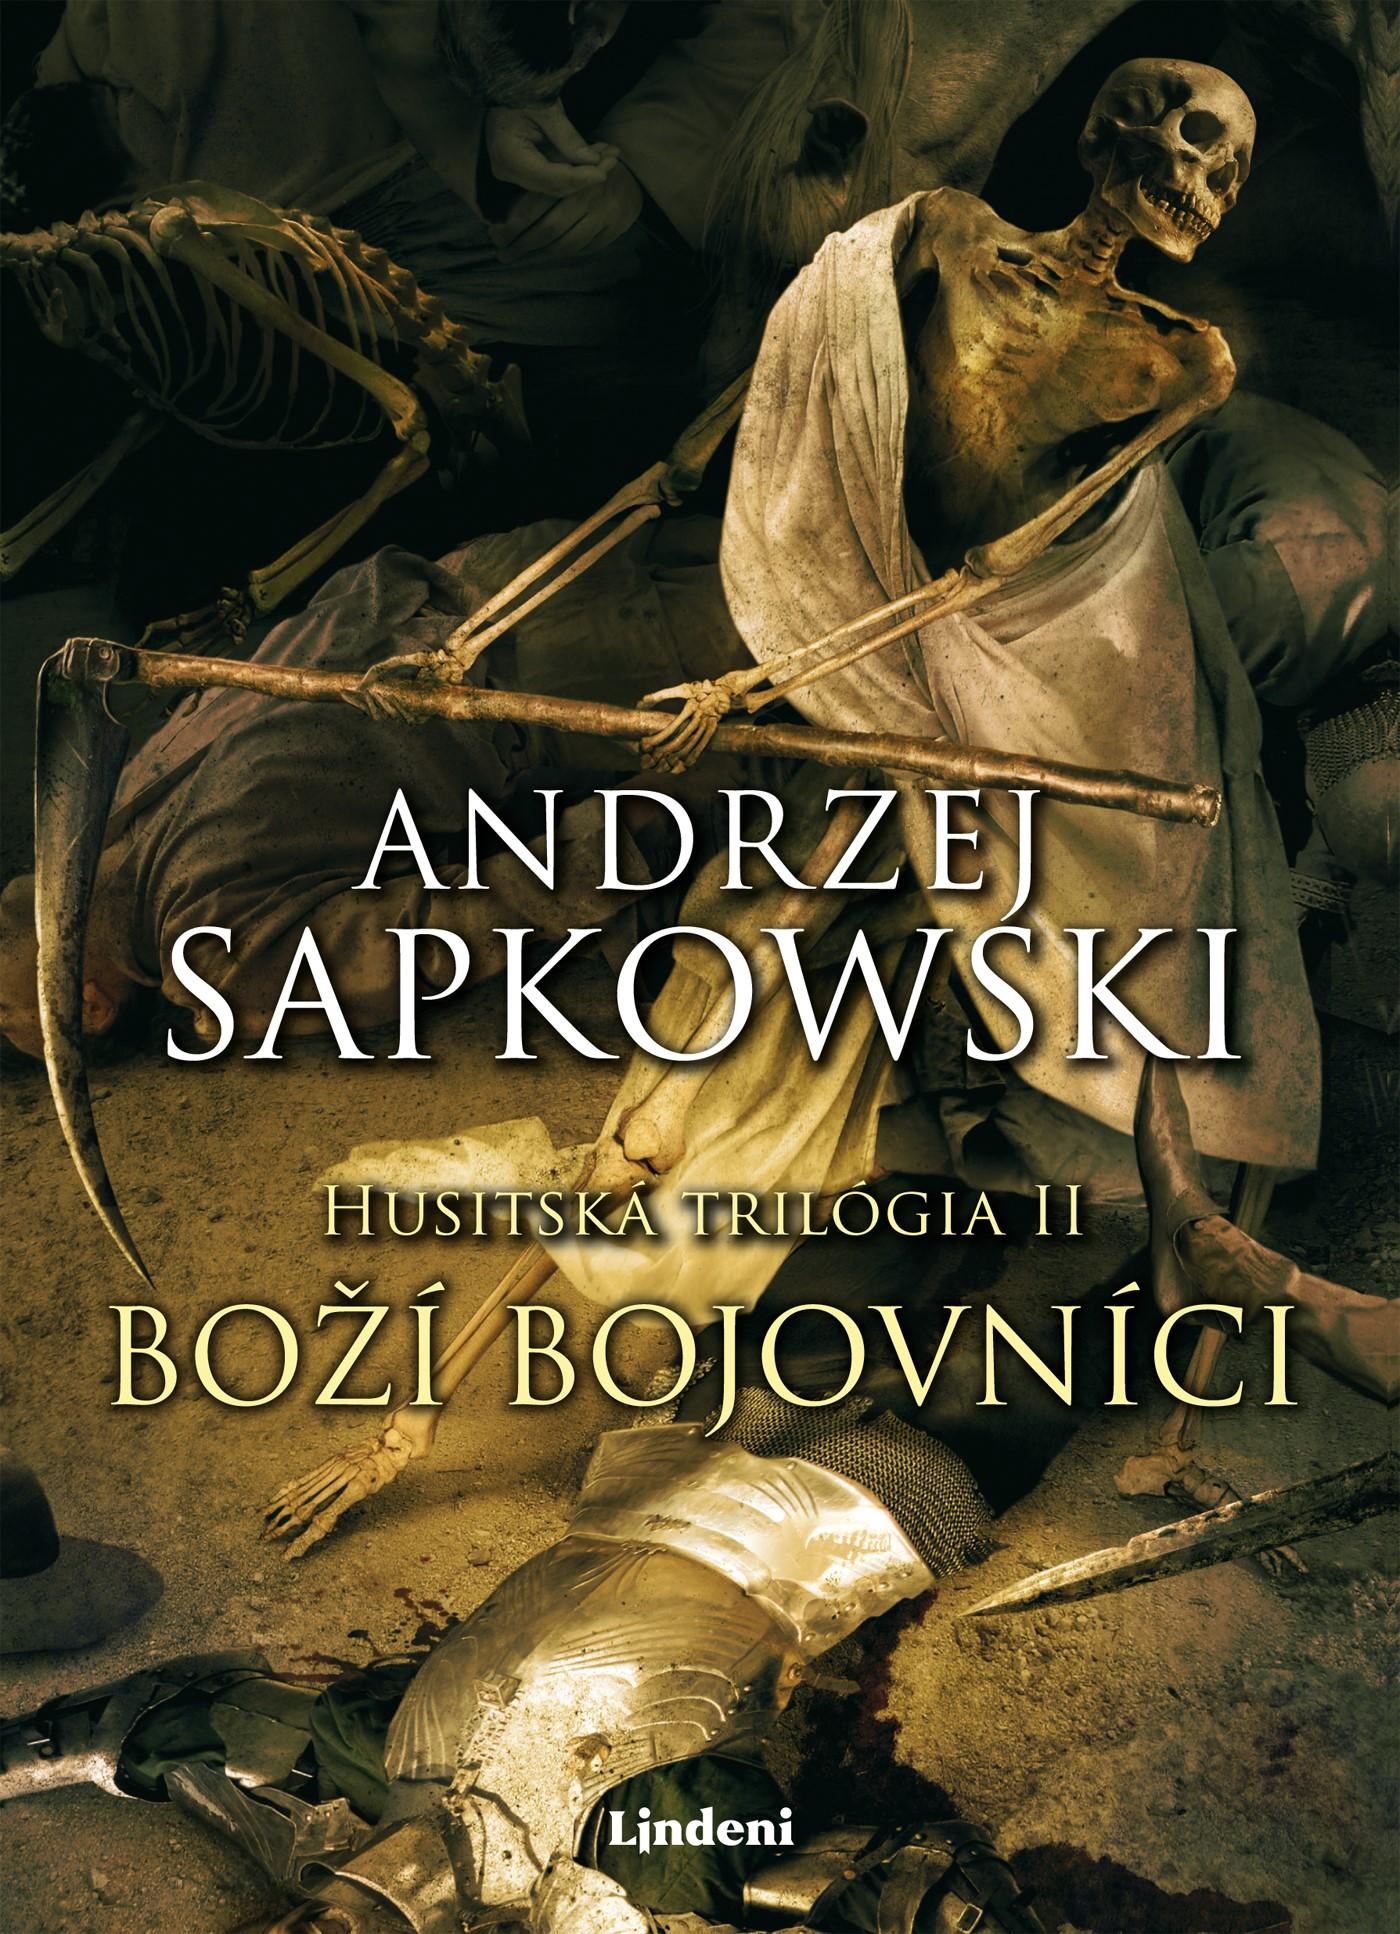 Kniha Boží bojovníci (Andrzej Sapkowski)